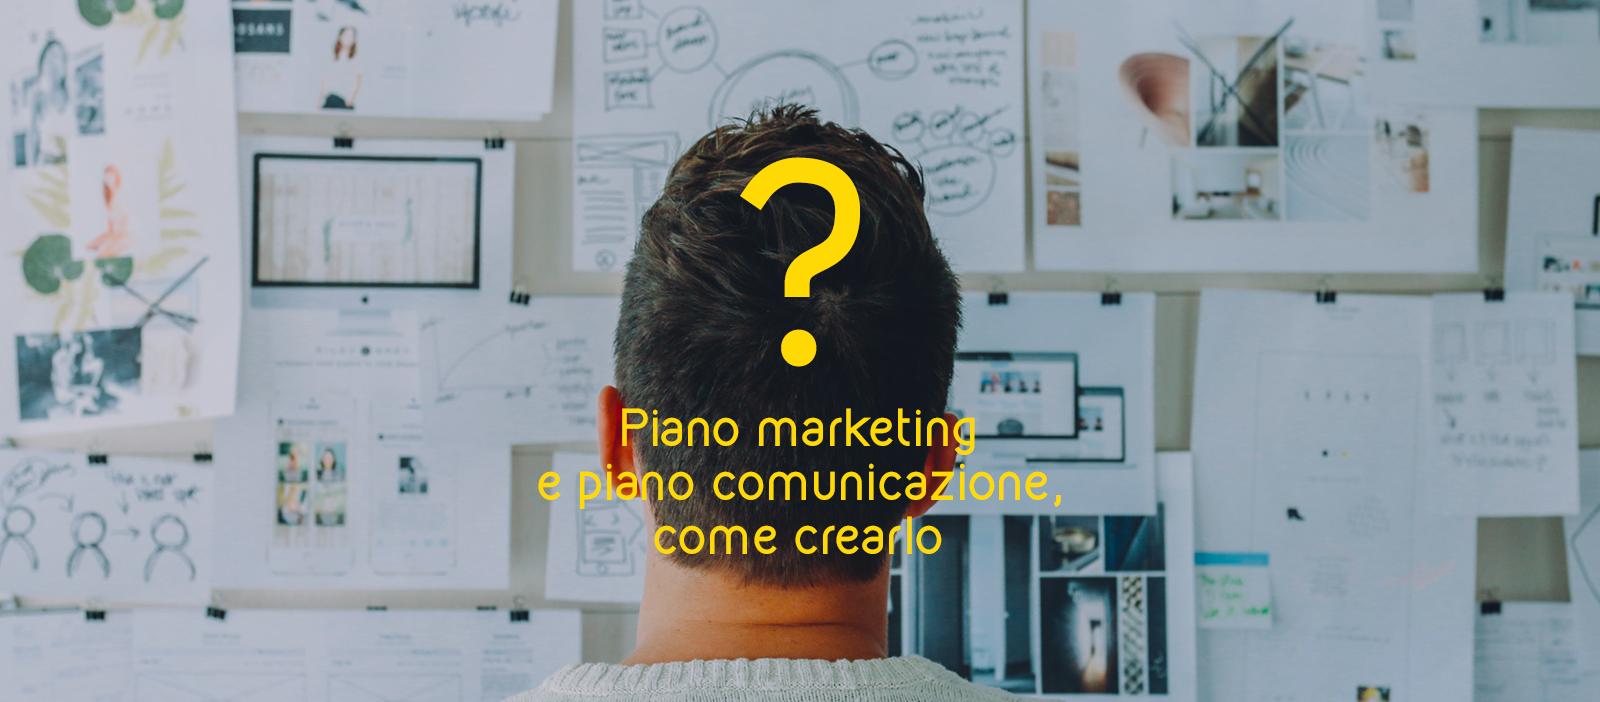 Piano Marketing e Piano Comunicazione: come crearlo in 4 punti